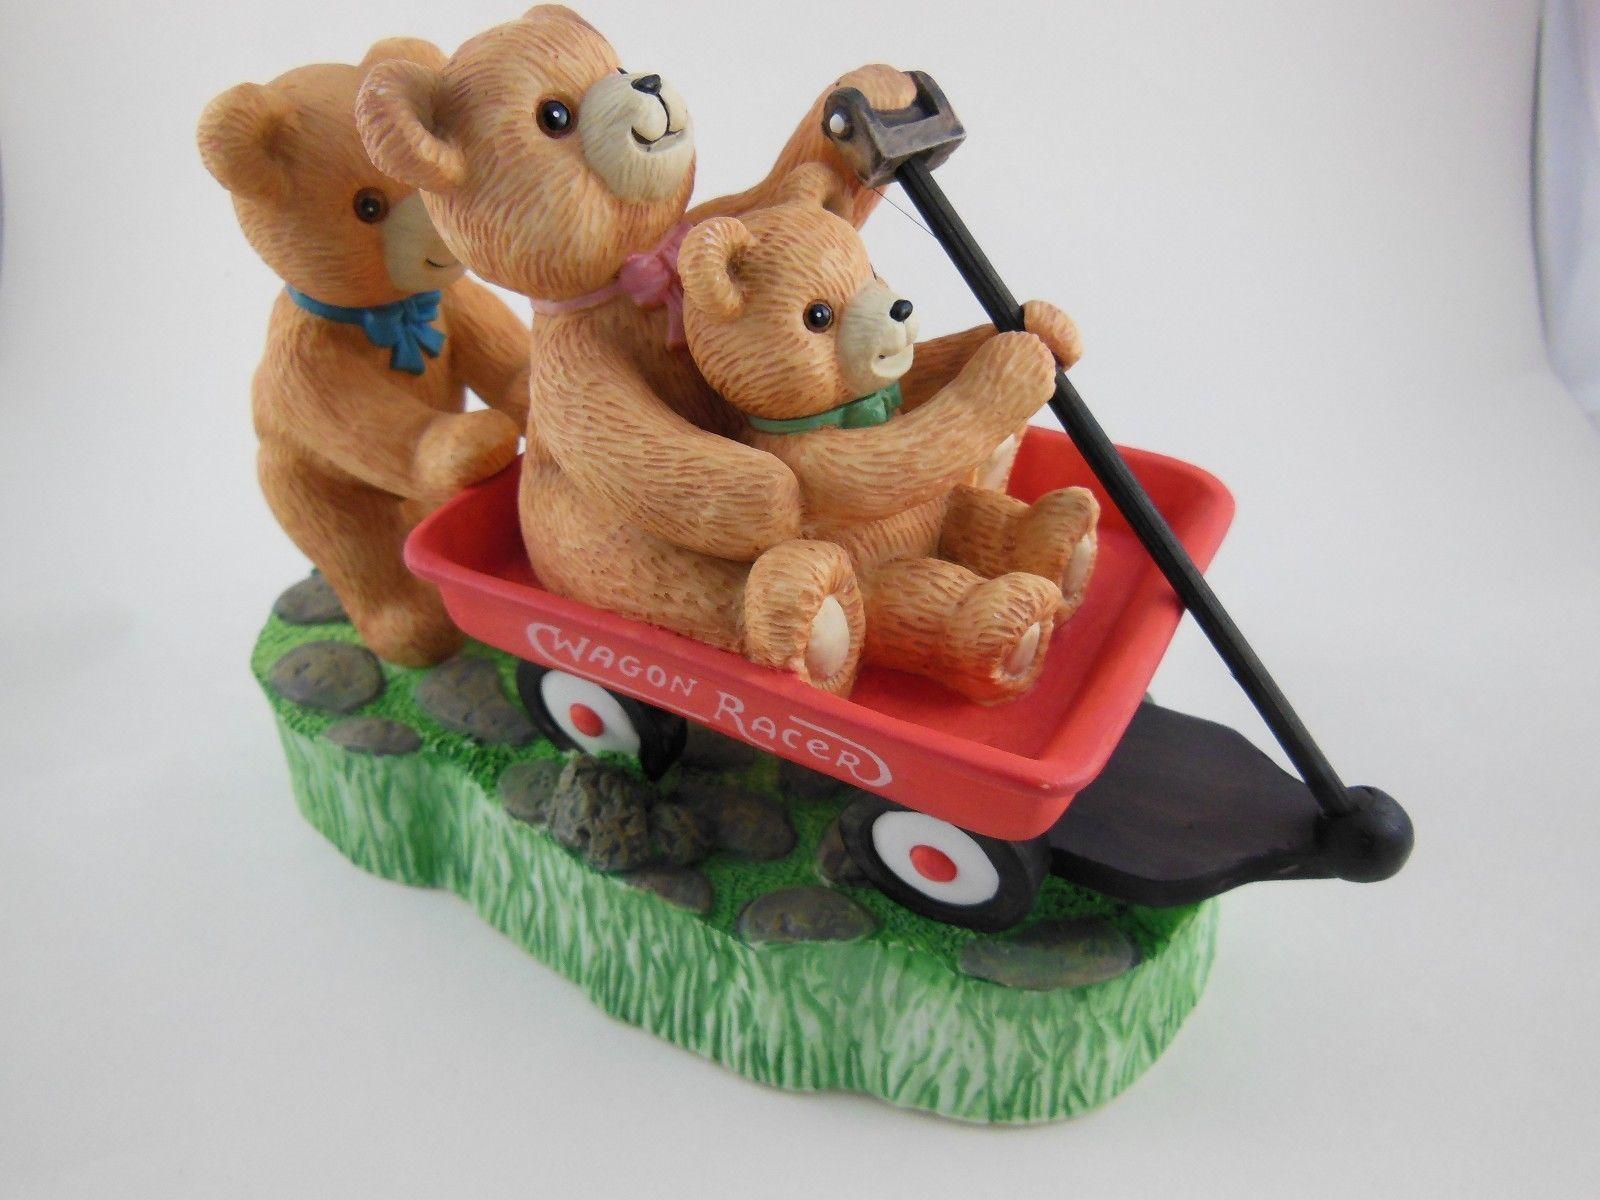 Adorable Teddy Bear Music Box Plays